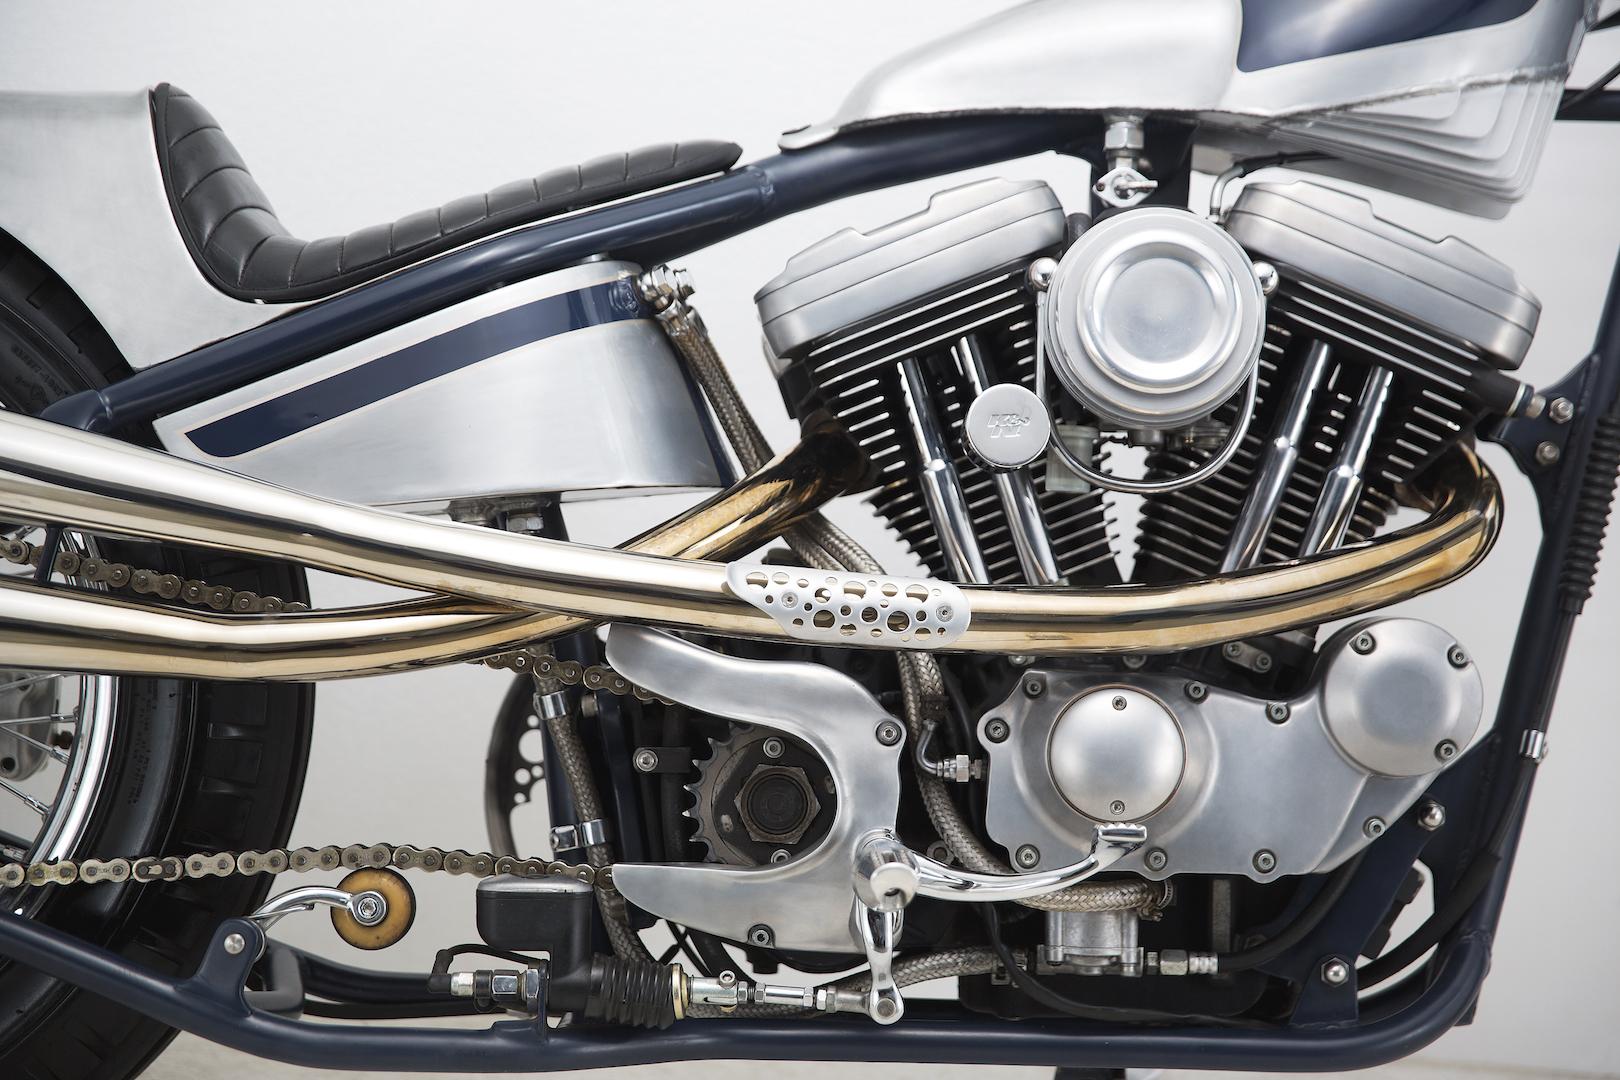 Kuzuri_Custom_Sportster_Details_ThriveMC_Moto-Mucci (3).jpg